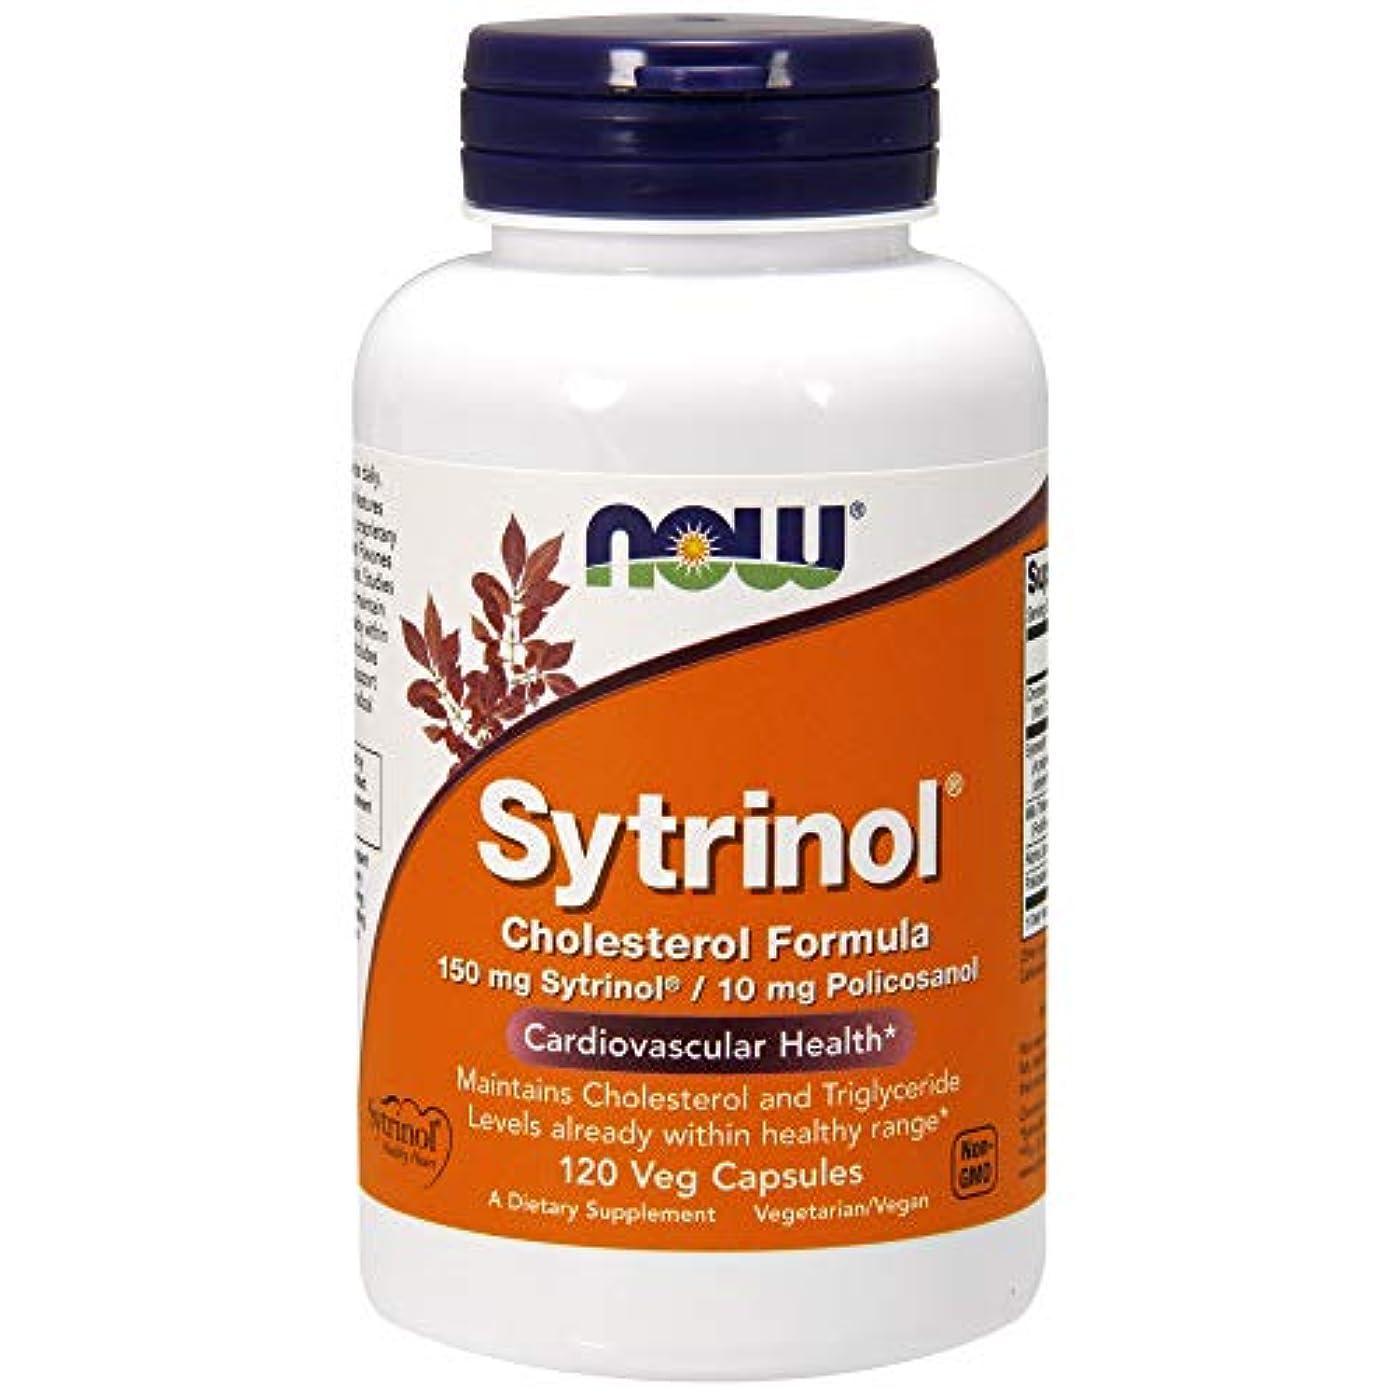 独立した追加する難民海外直送品 Now Foods Sytrinol, 120 Vcaps 150 mg